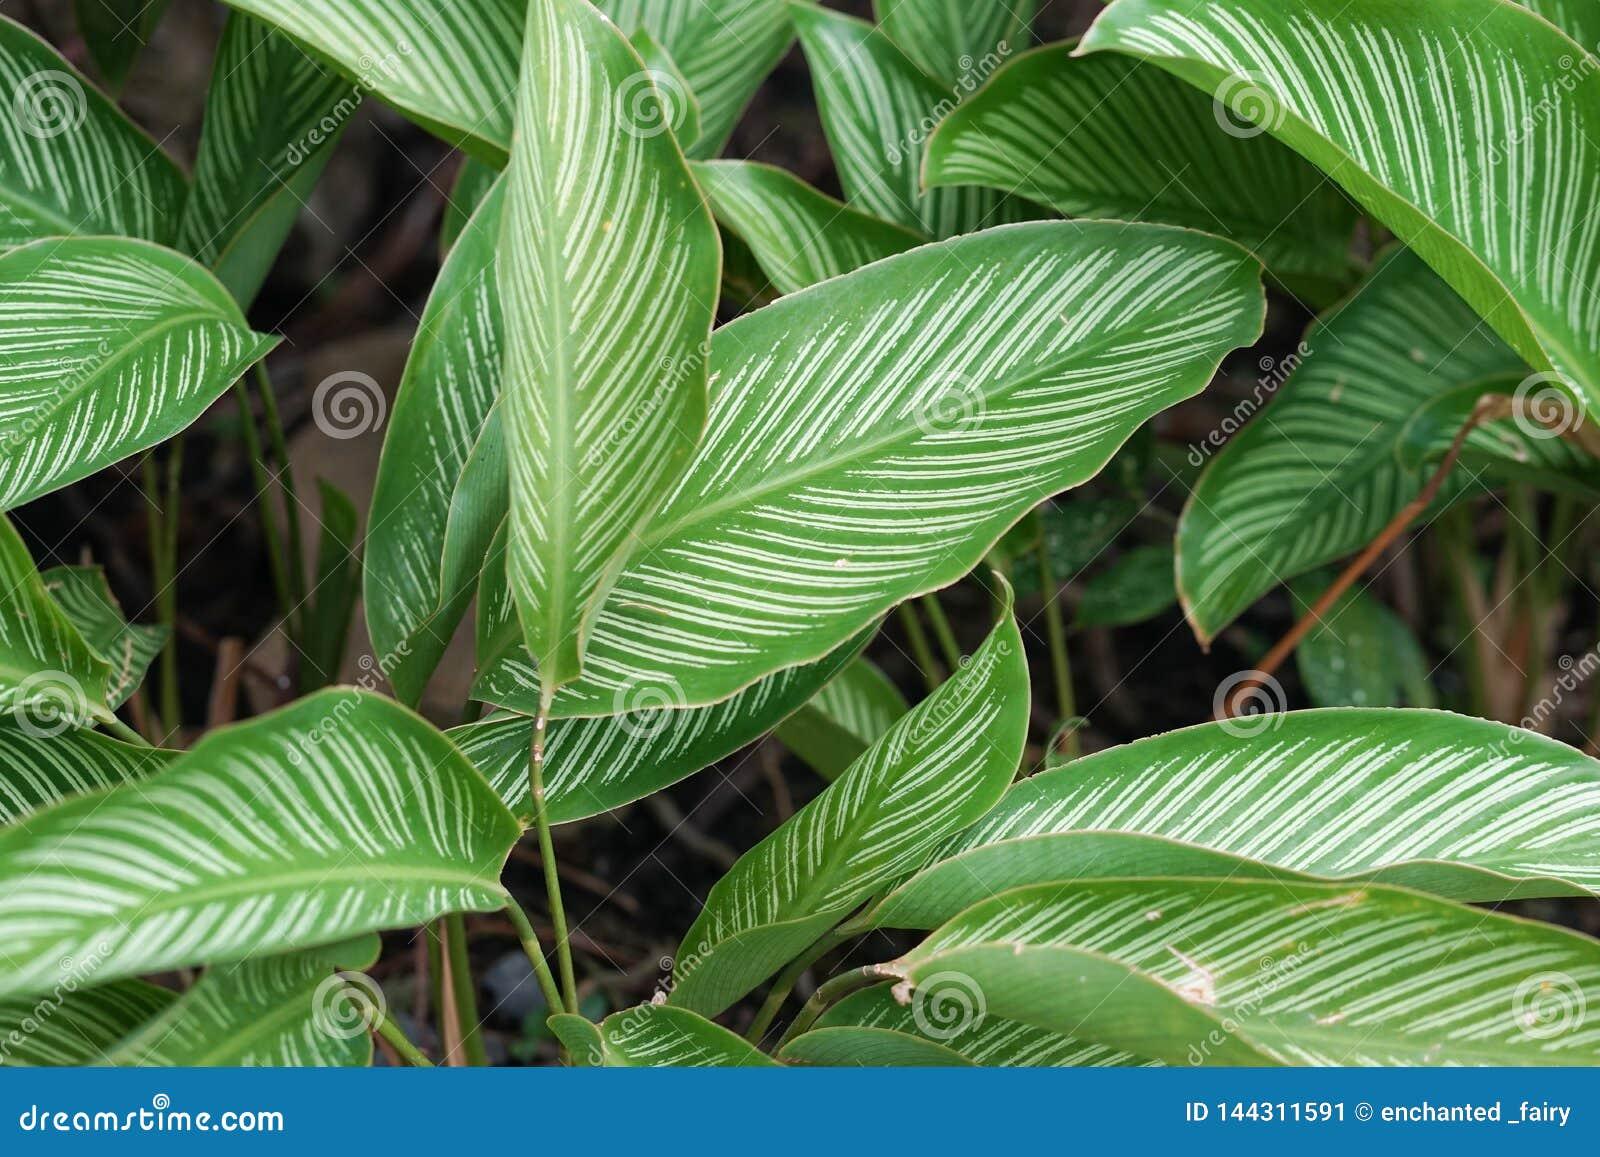 Calatheaornata Mooi verlofpatroon van Calathea-ornata, een tropische installatie inheems aan Zuid-Amerika Ook gekend als gestreep